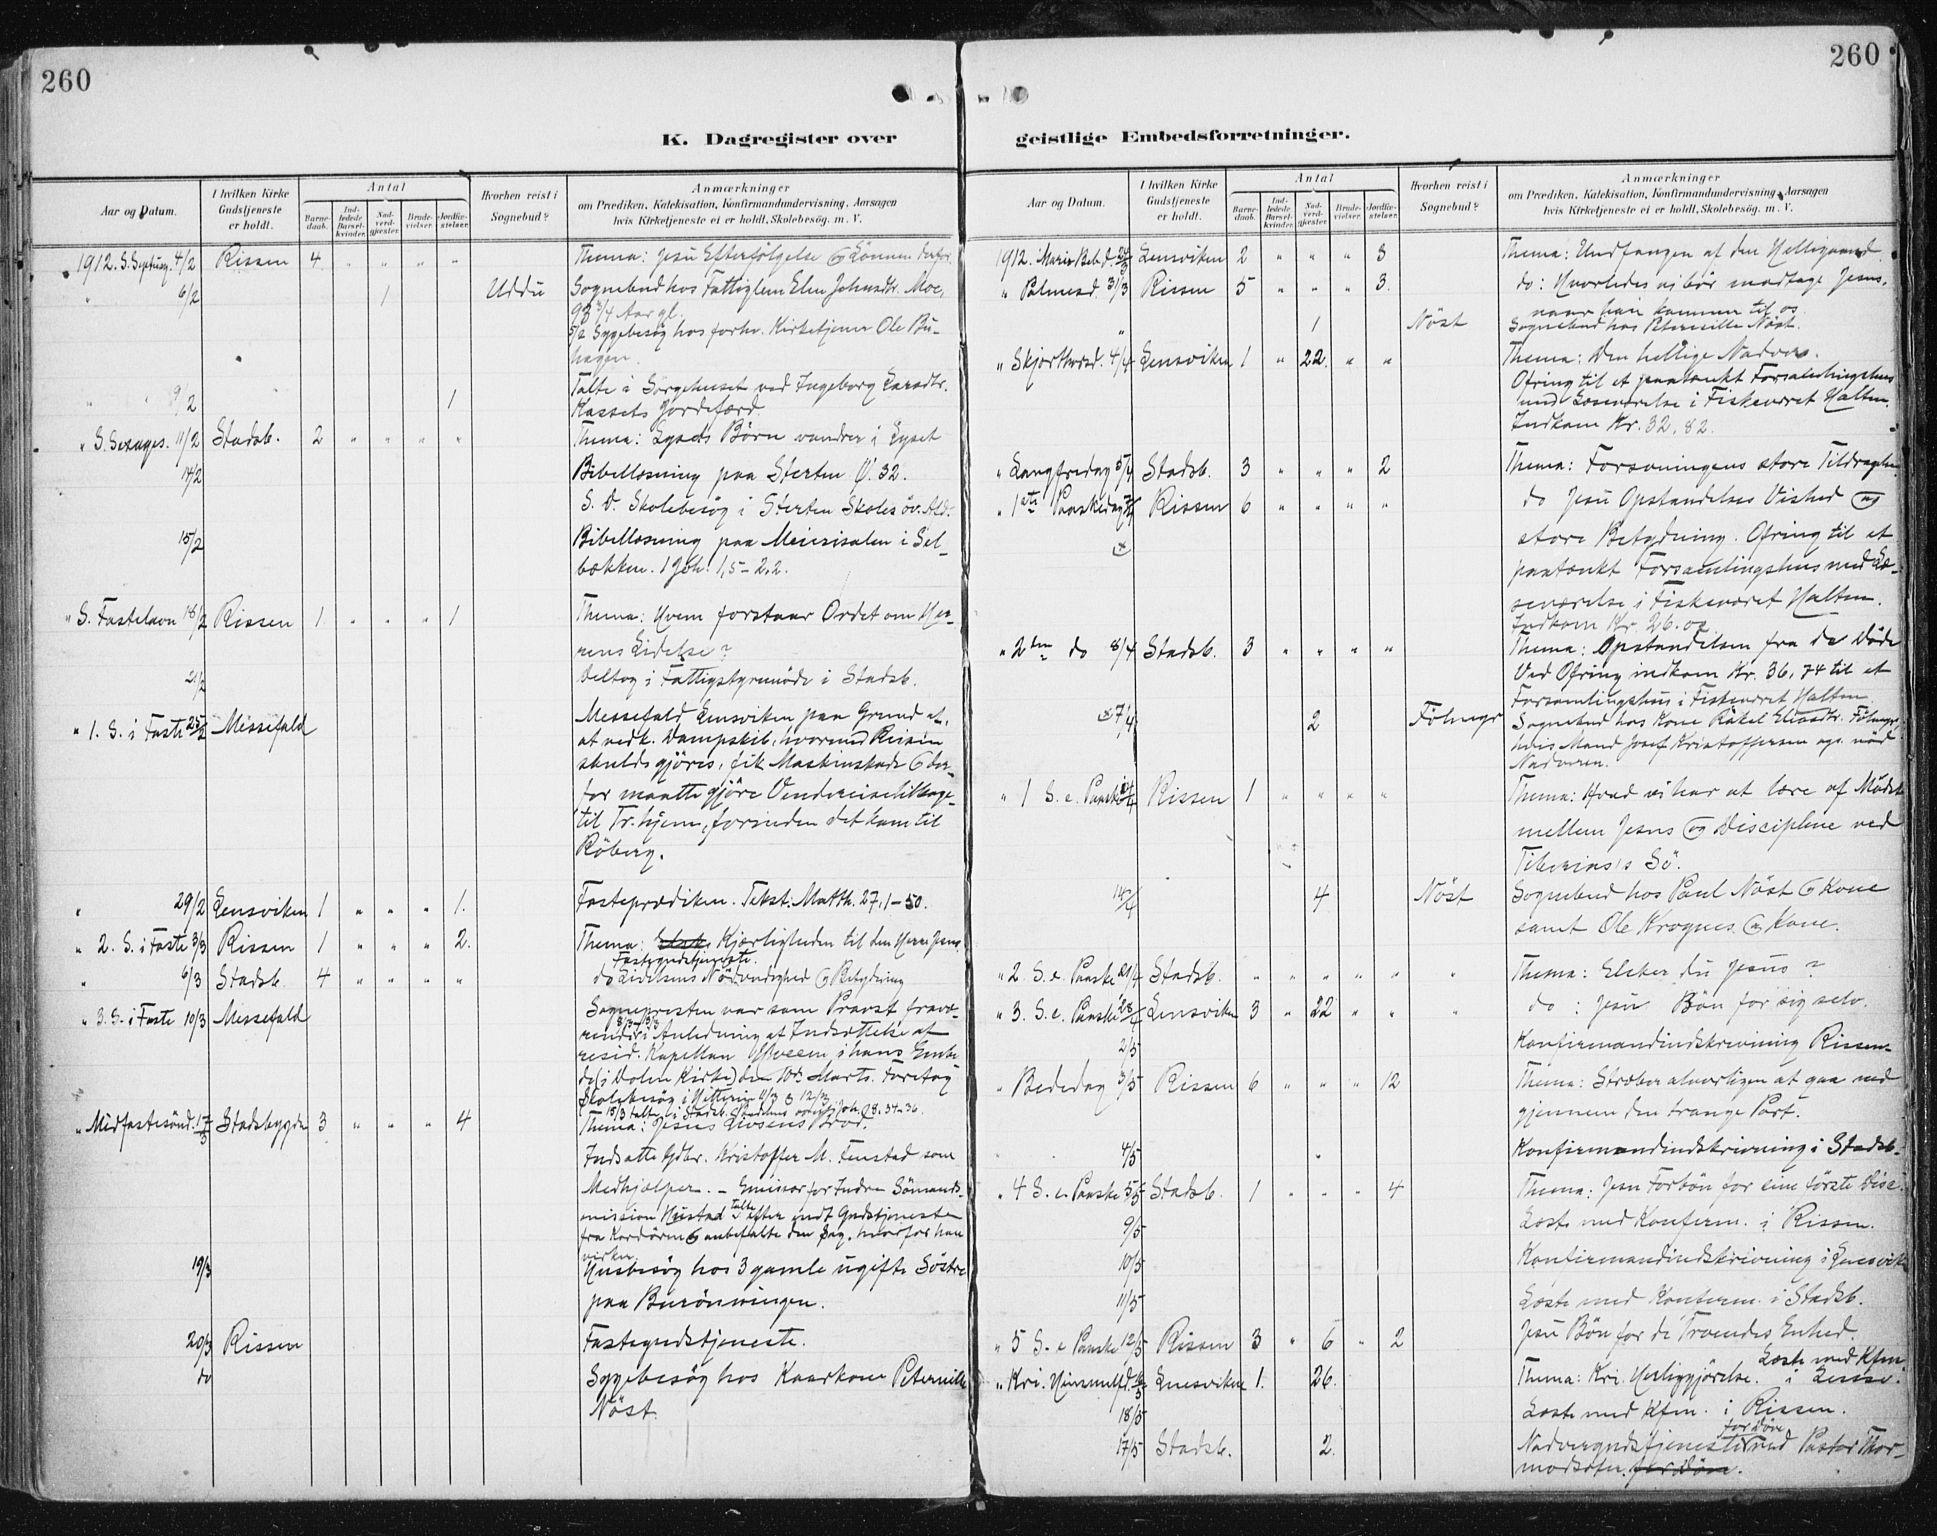 SAT, Ministerialprotokoller, klokkerbøker og fødselsregistre - Sør-Trøndelag, 646/L0616: Ministerialbok nr. 646A14, 1900-1918, s. 260